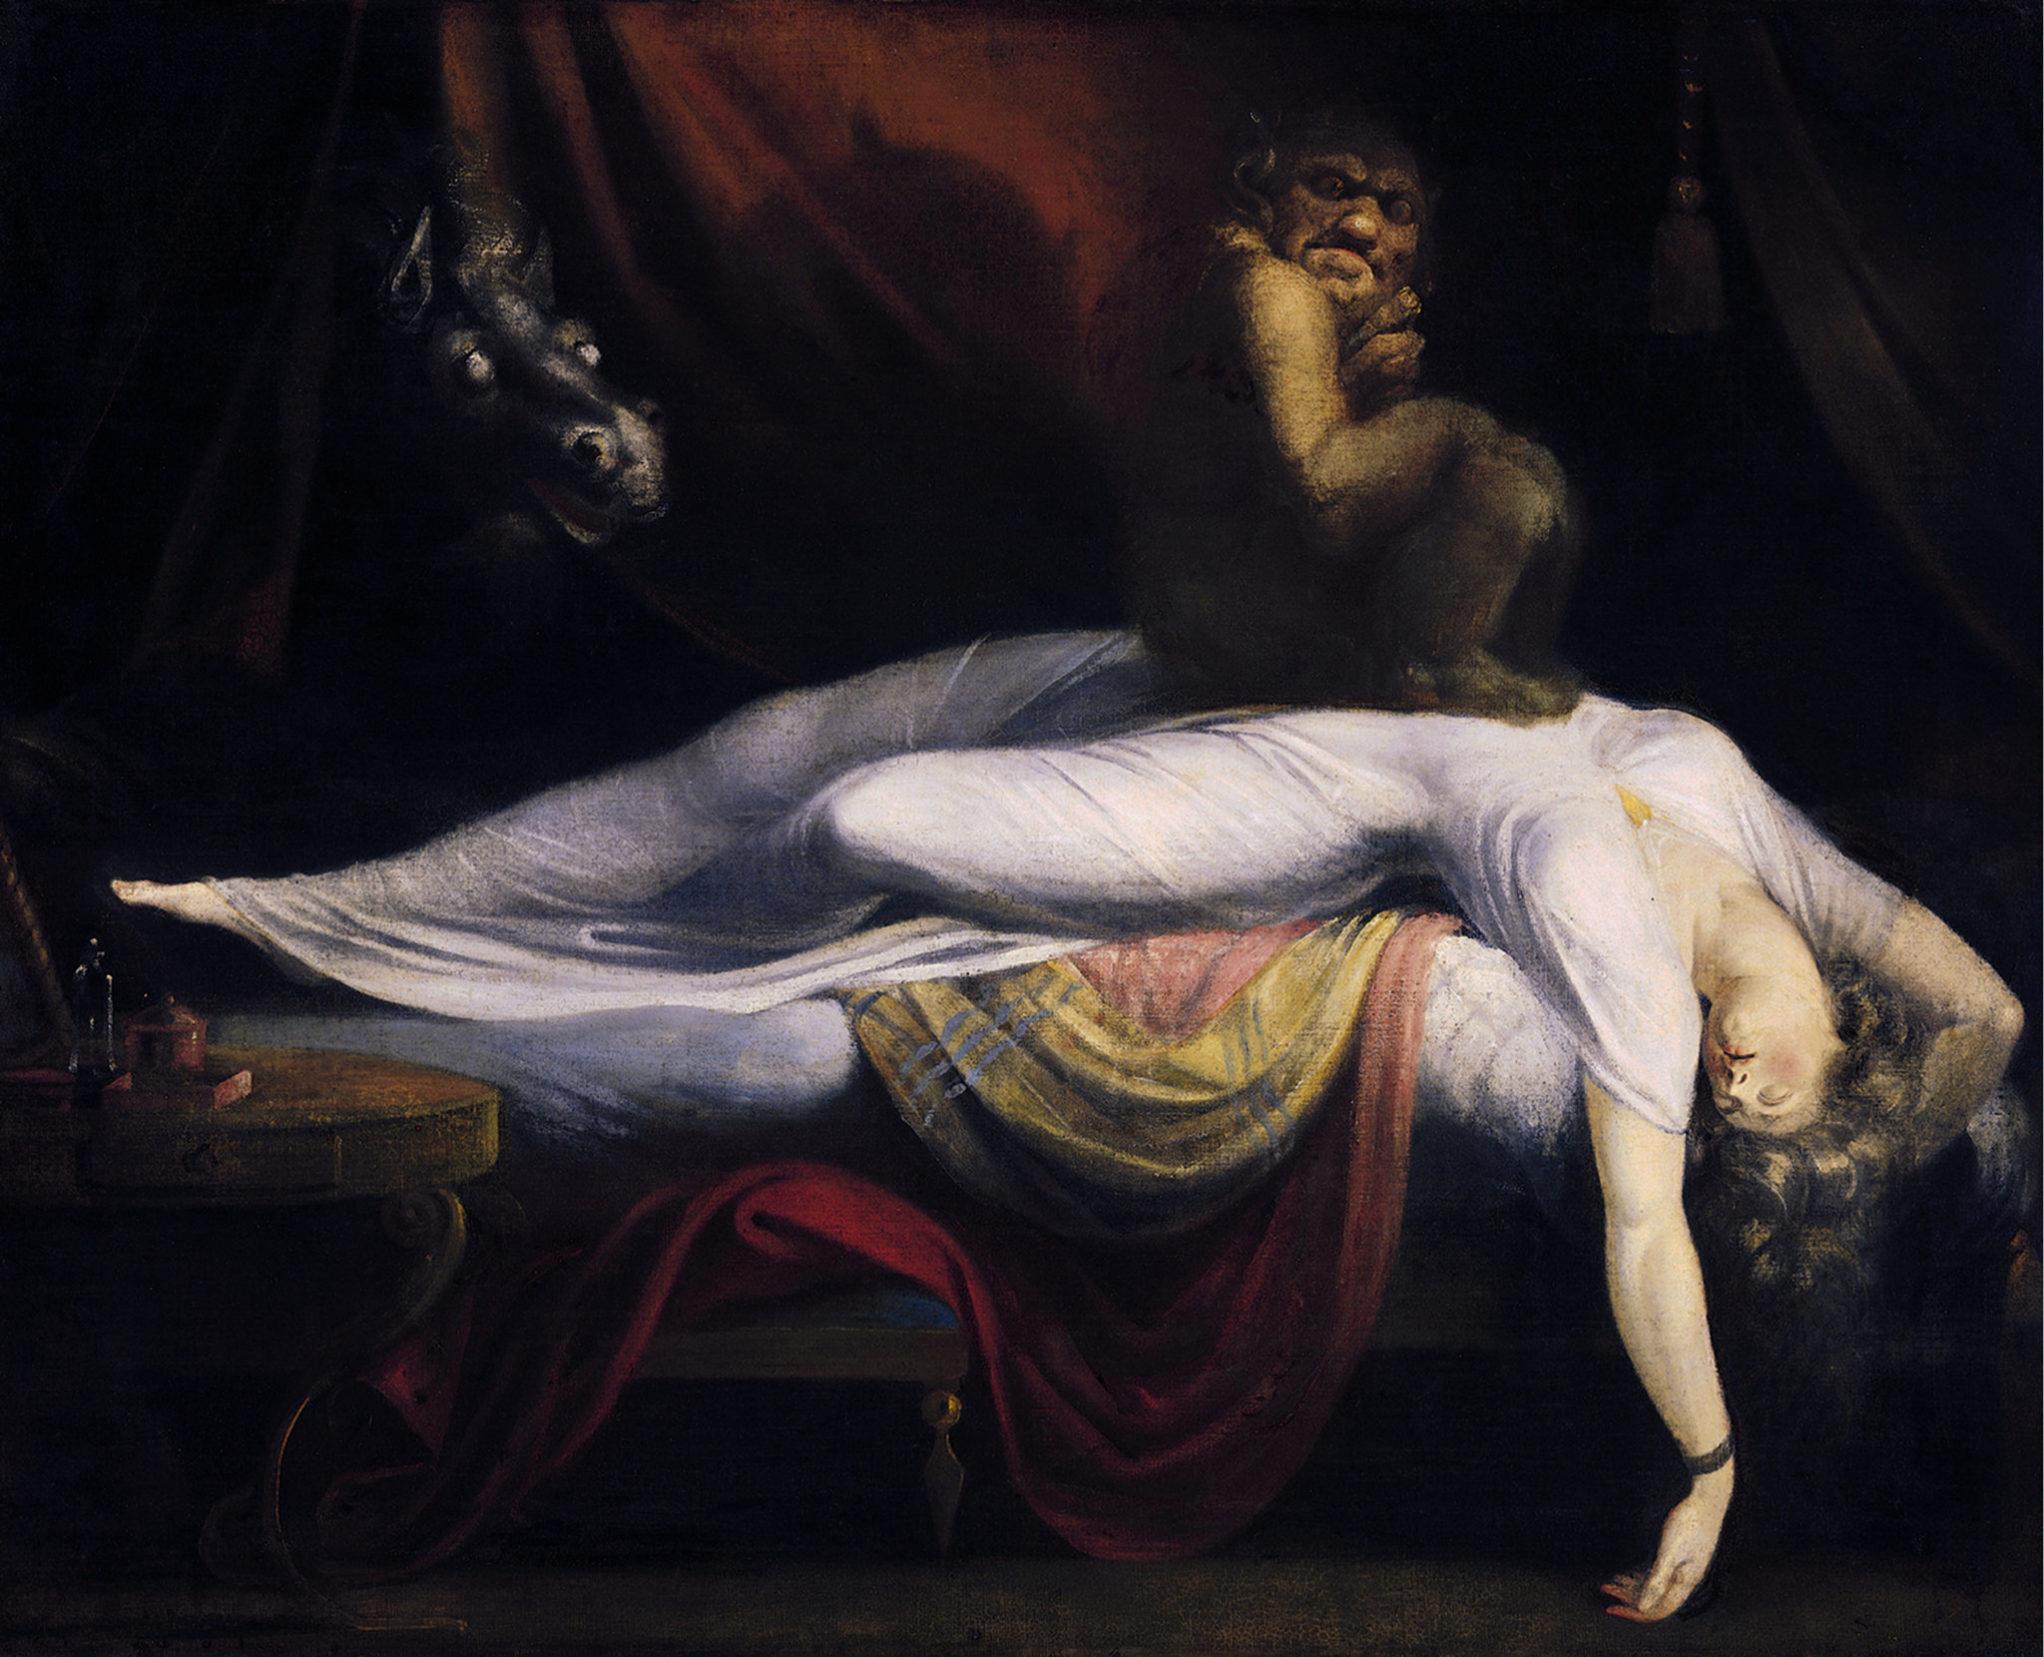 Una potente preghiera contro i sogni oscuri